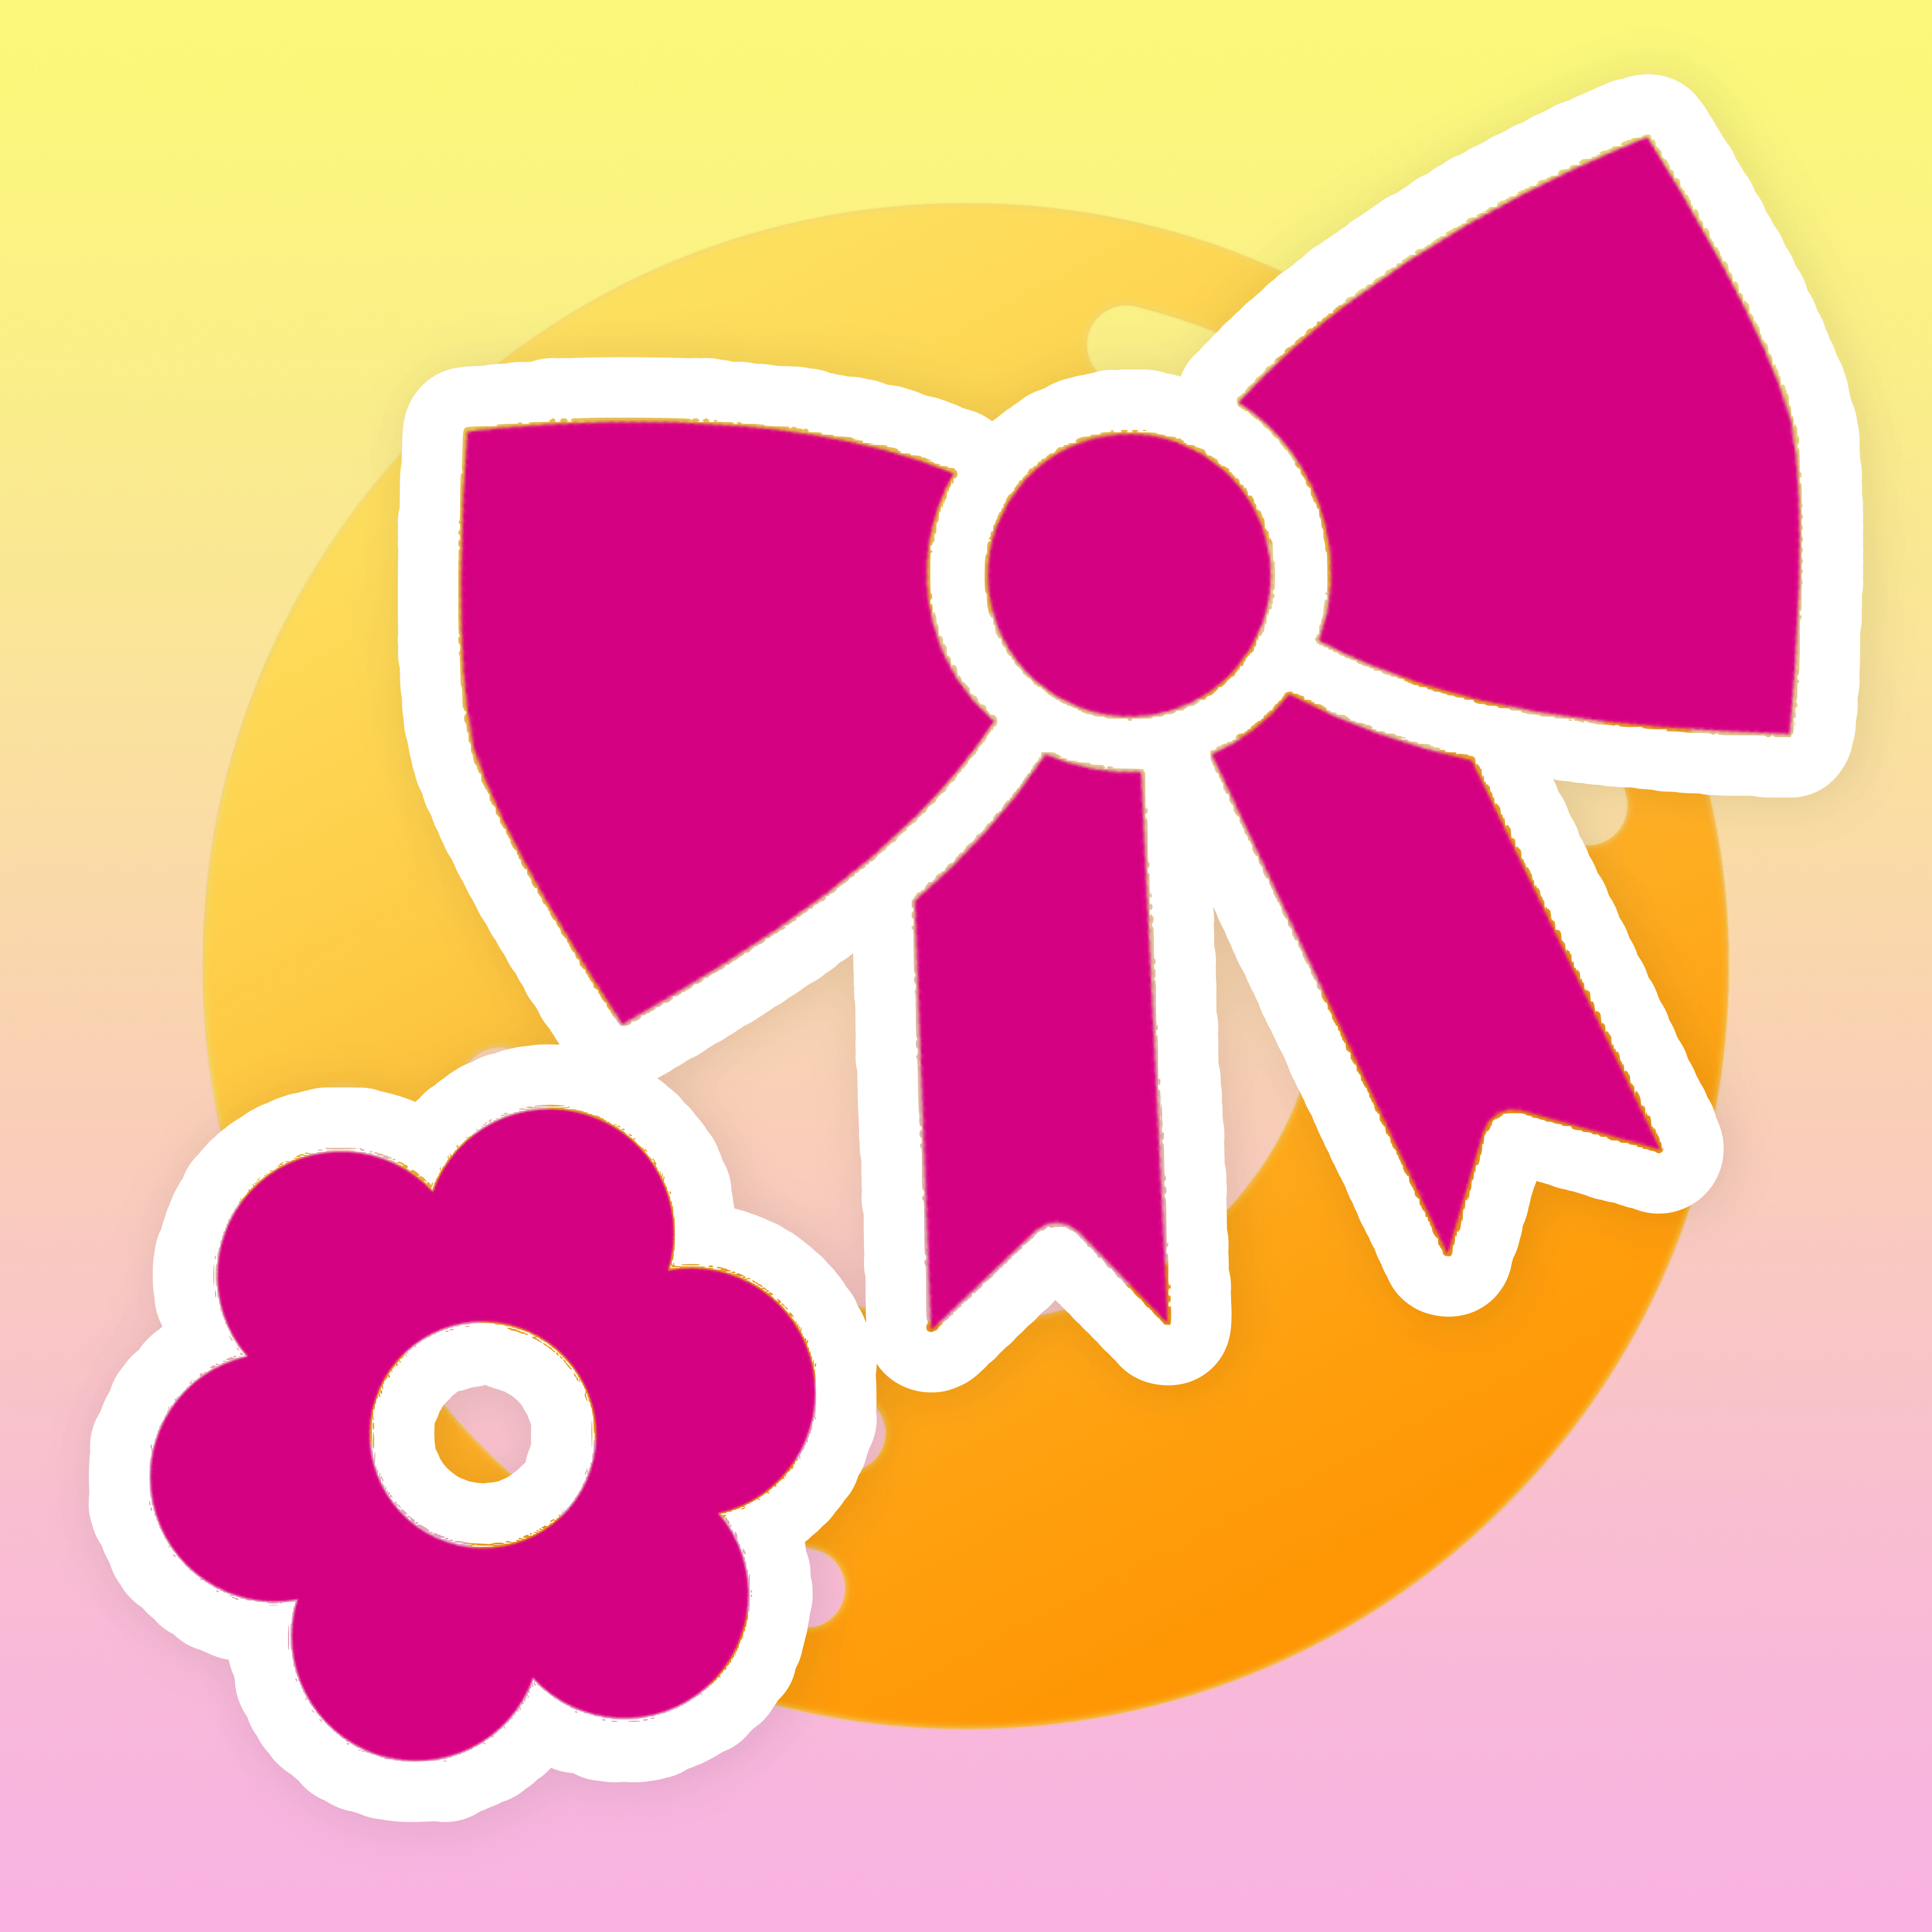 Ali_Legend@Power-lagikan_power avatar